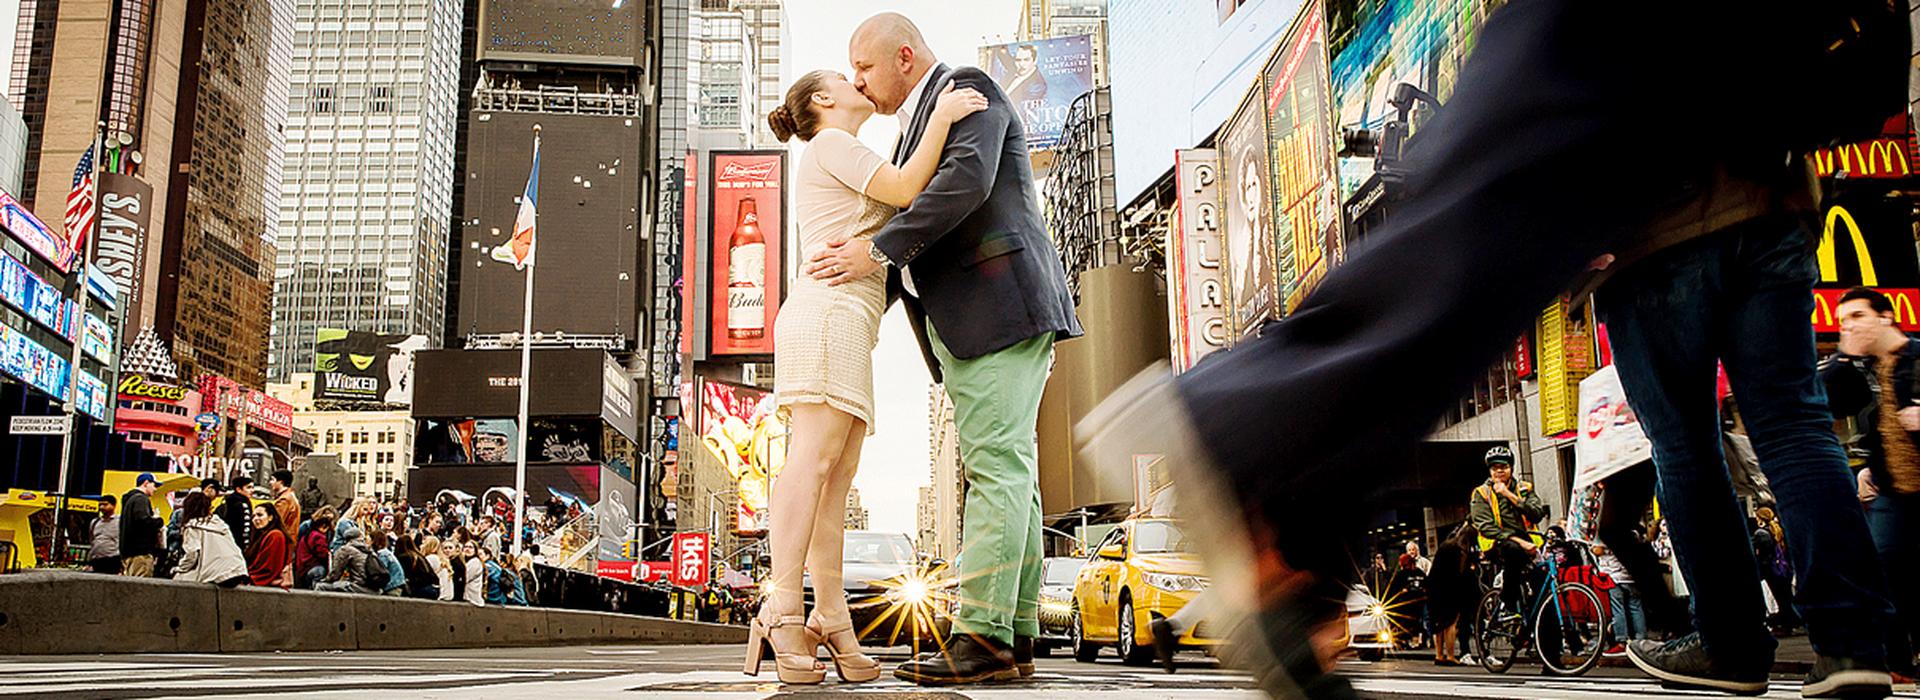 trabalhos internacionais de Ana e Jean em Times Square - New York - EUA